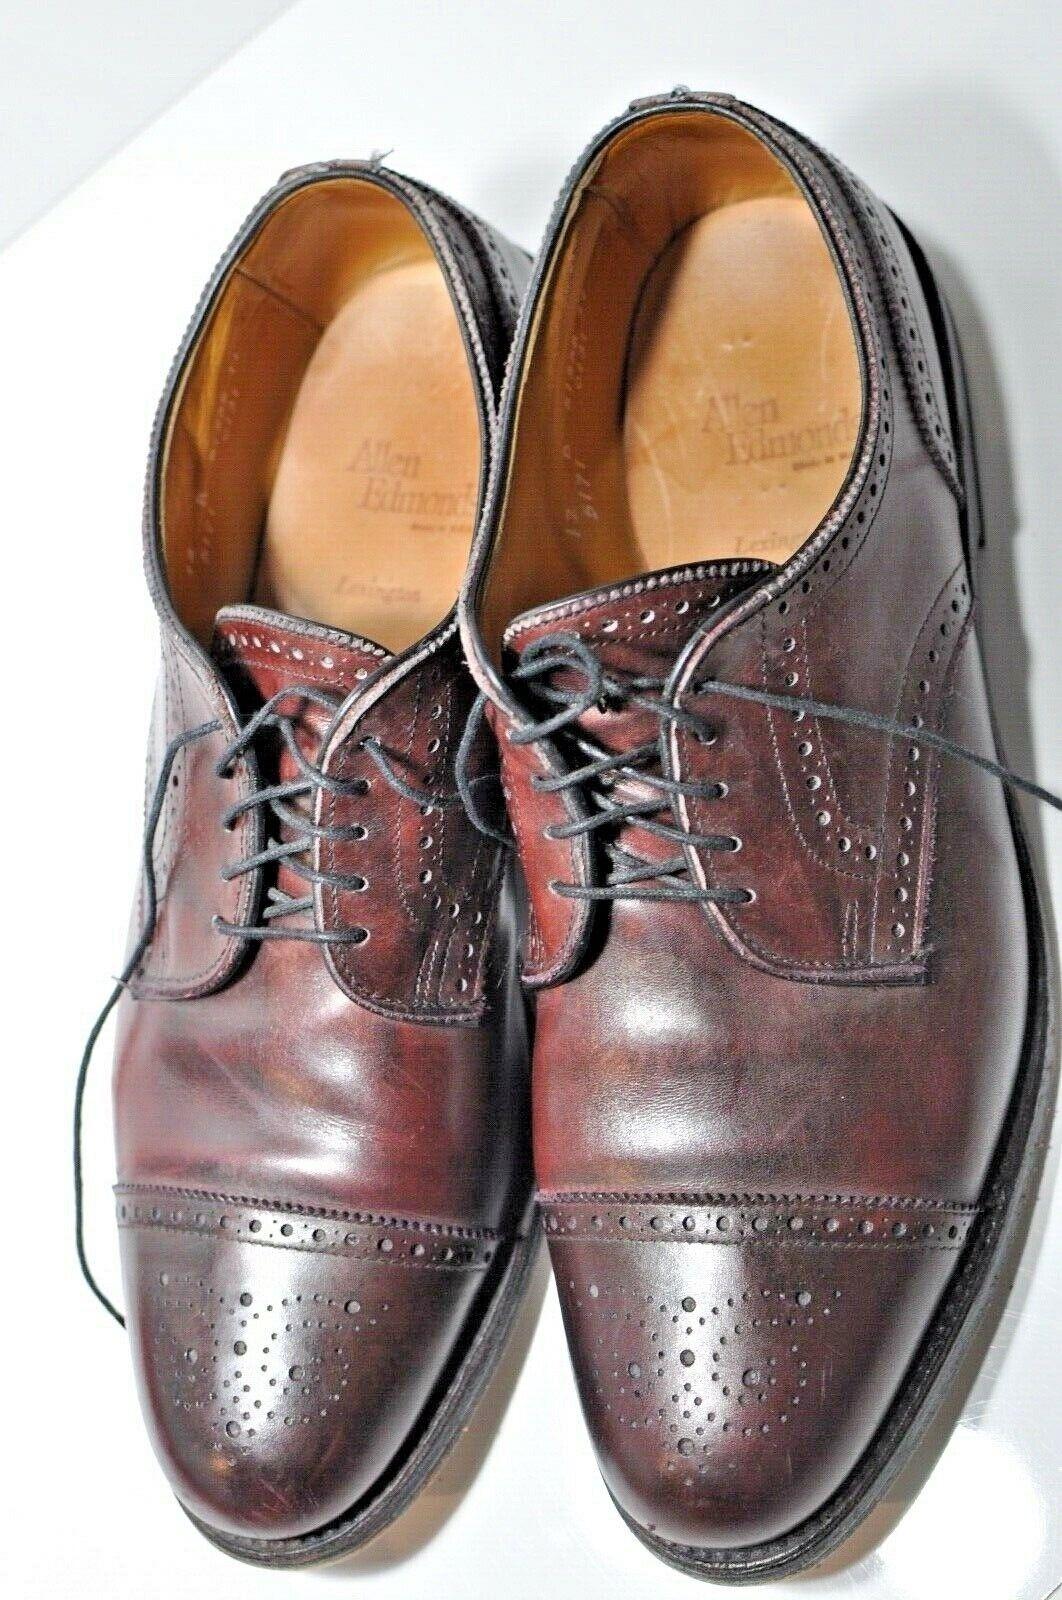 Allen Edmonds Lexington Mens leather cap toe Dimensione Dimensione Dimensione 12 B made in USA 8aa460